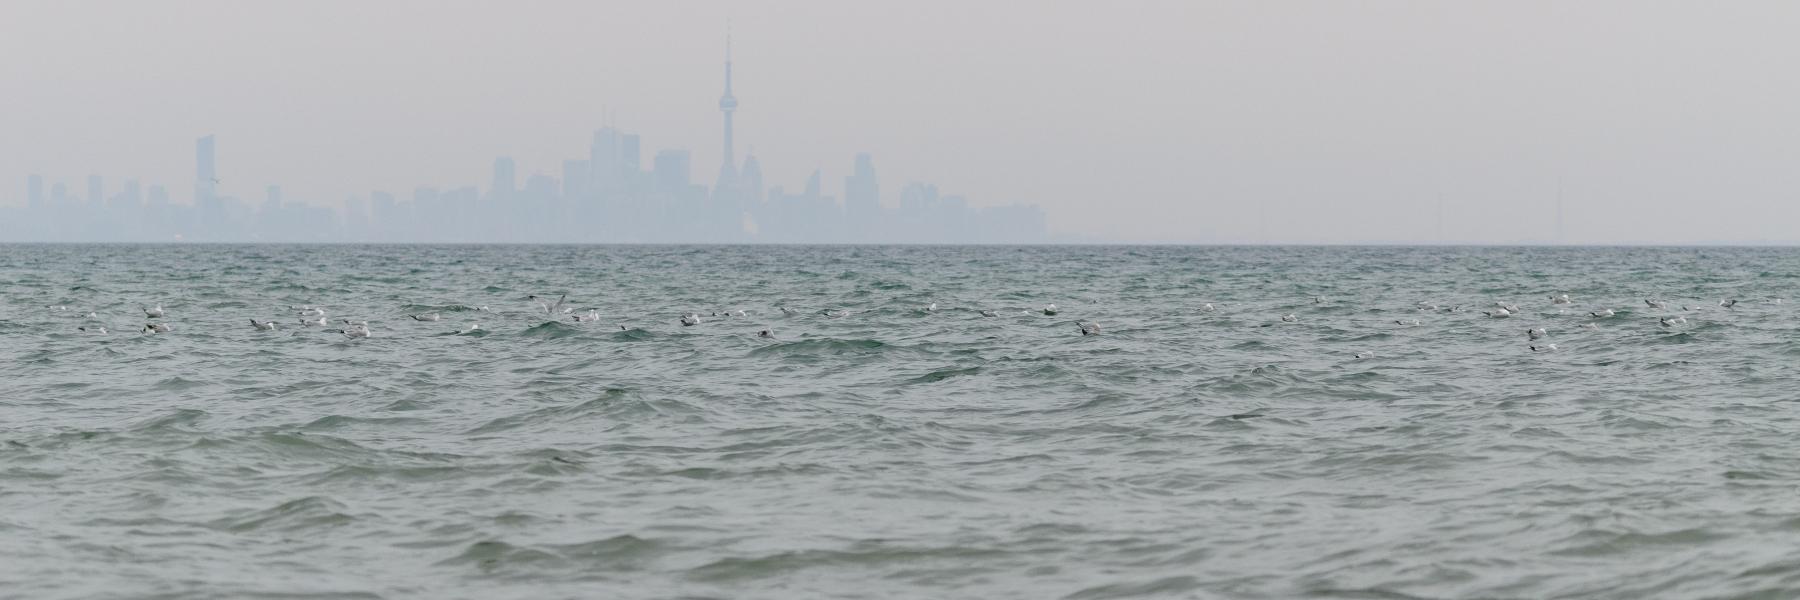 Seagulls against a misty Toronto skyline.